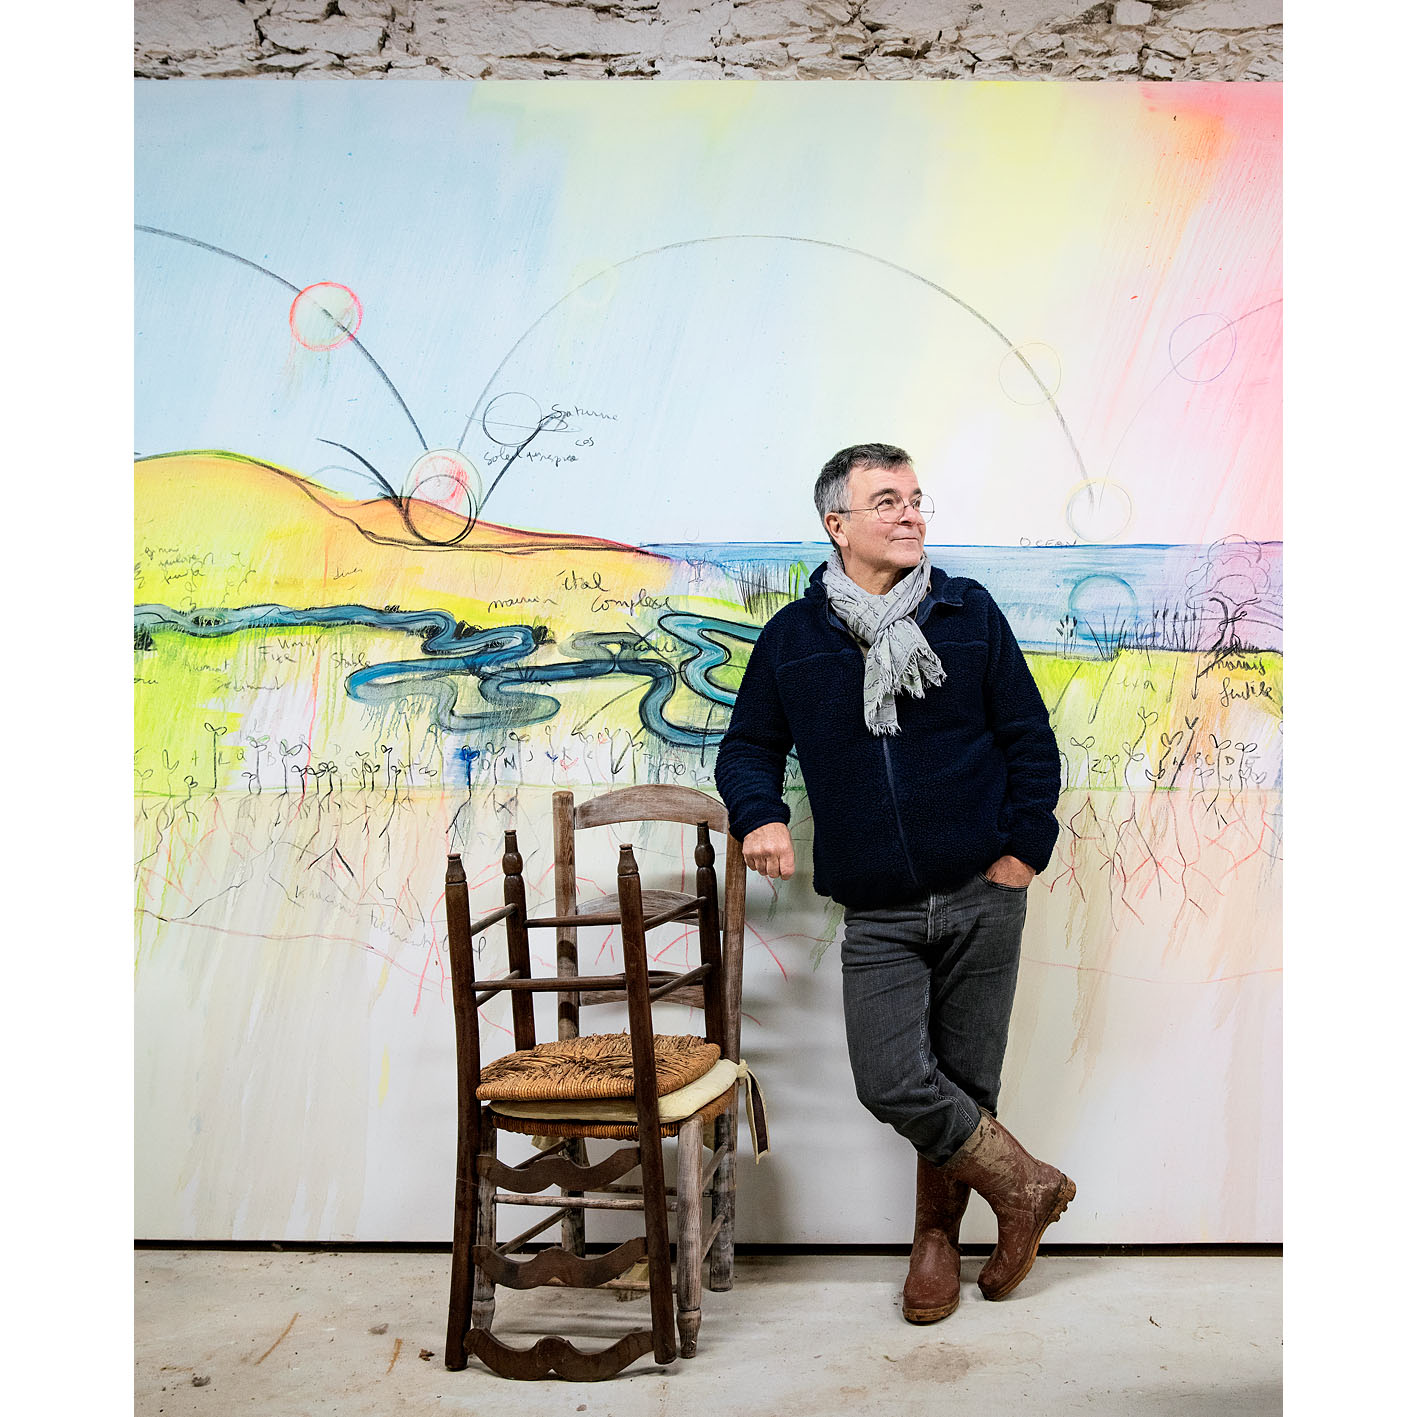 Fabrice Hyber, artiste plasticien de l'Académie des beaux-arts, dans l'un de ses ateliers en Vendée.